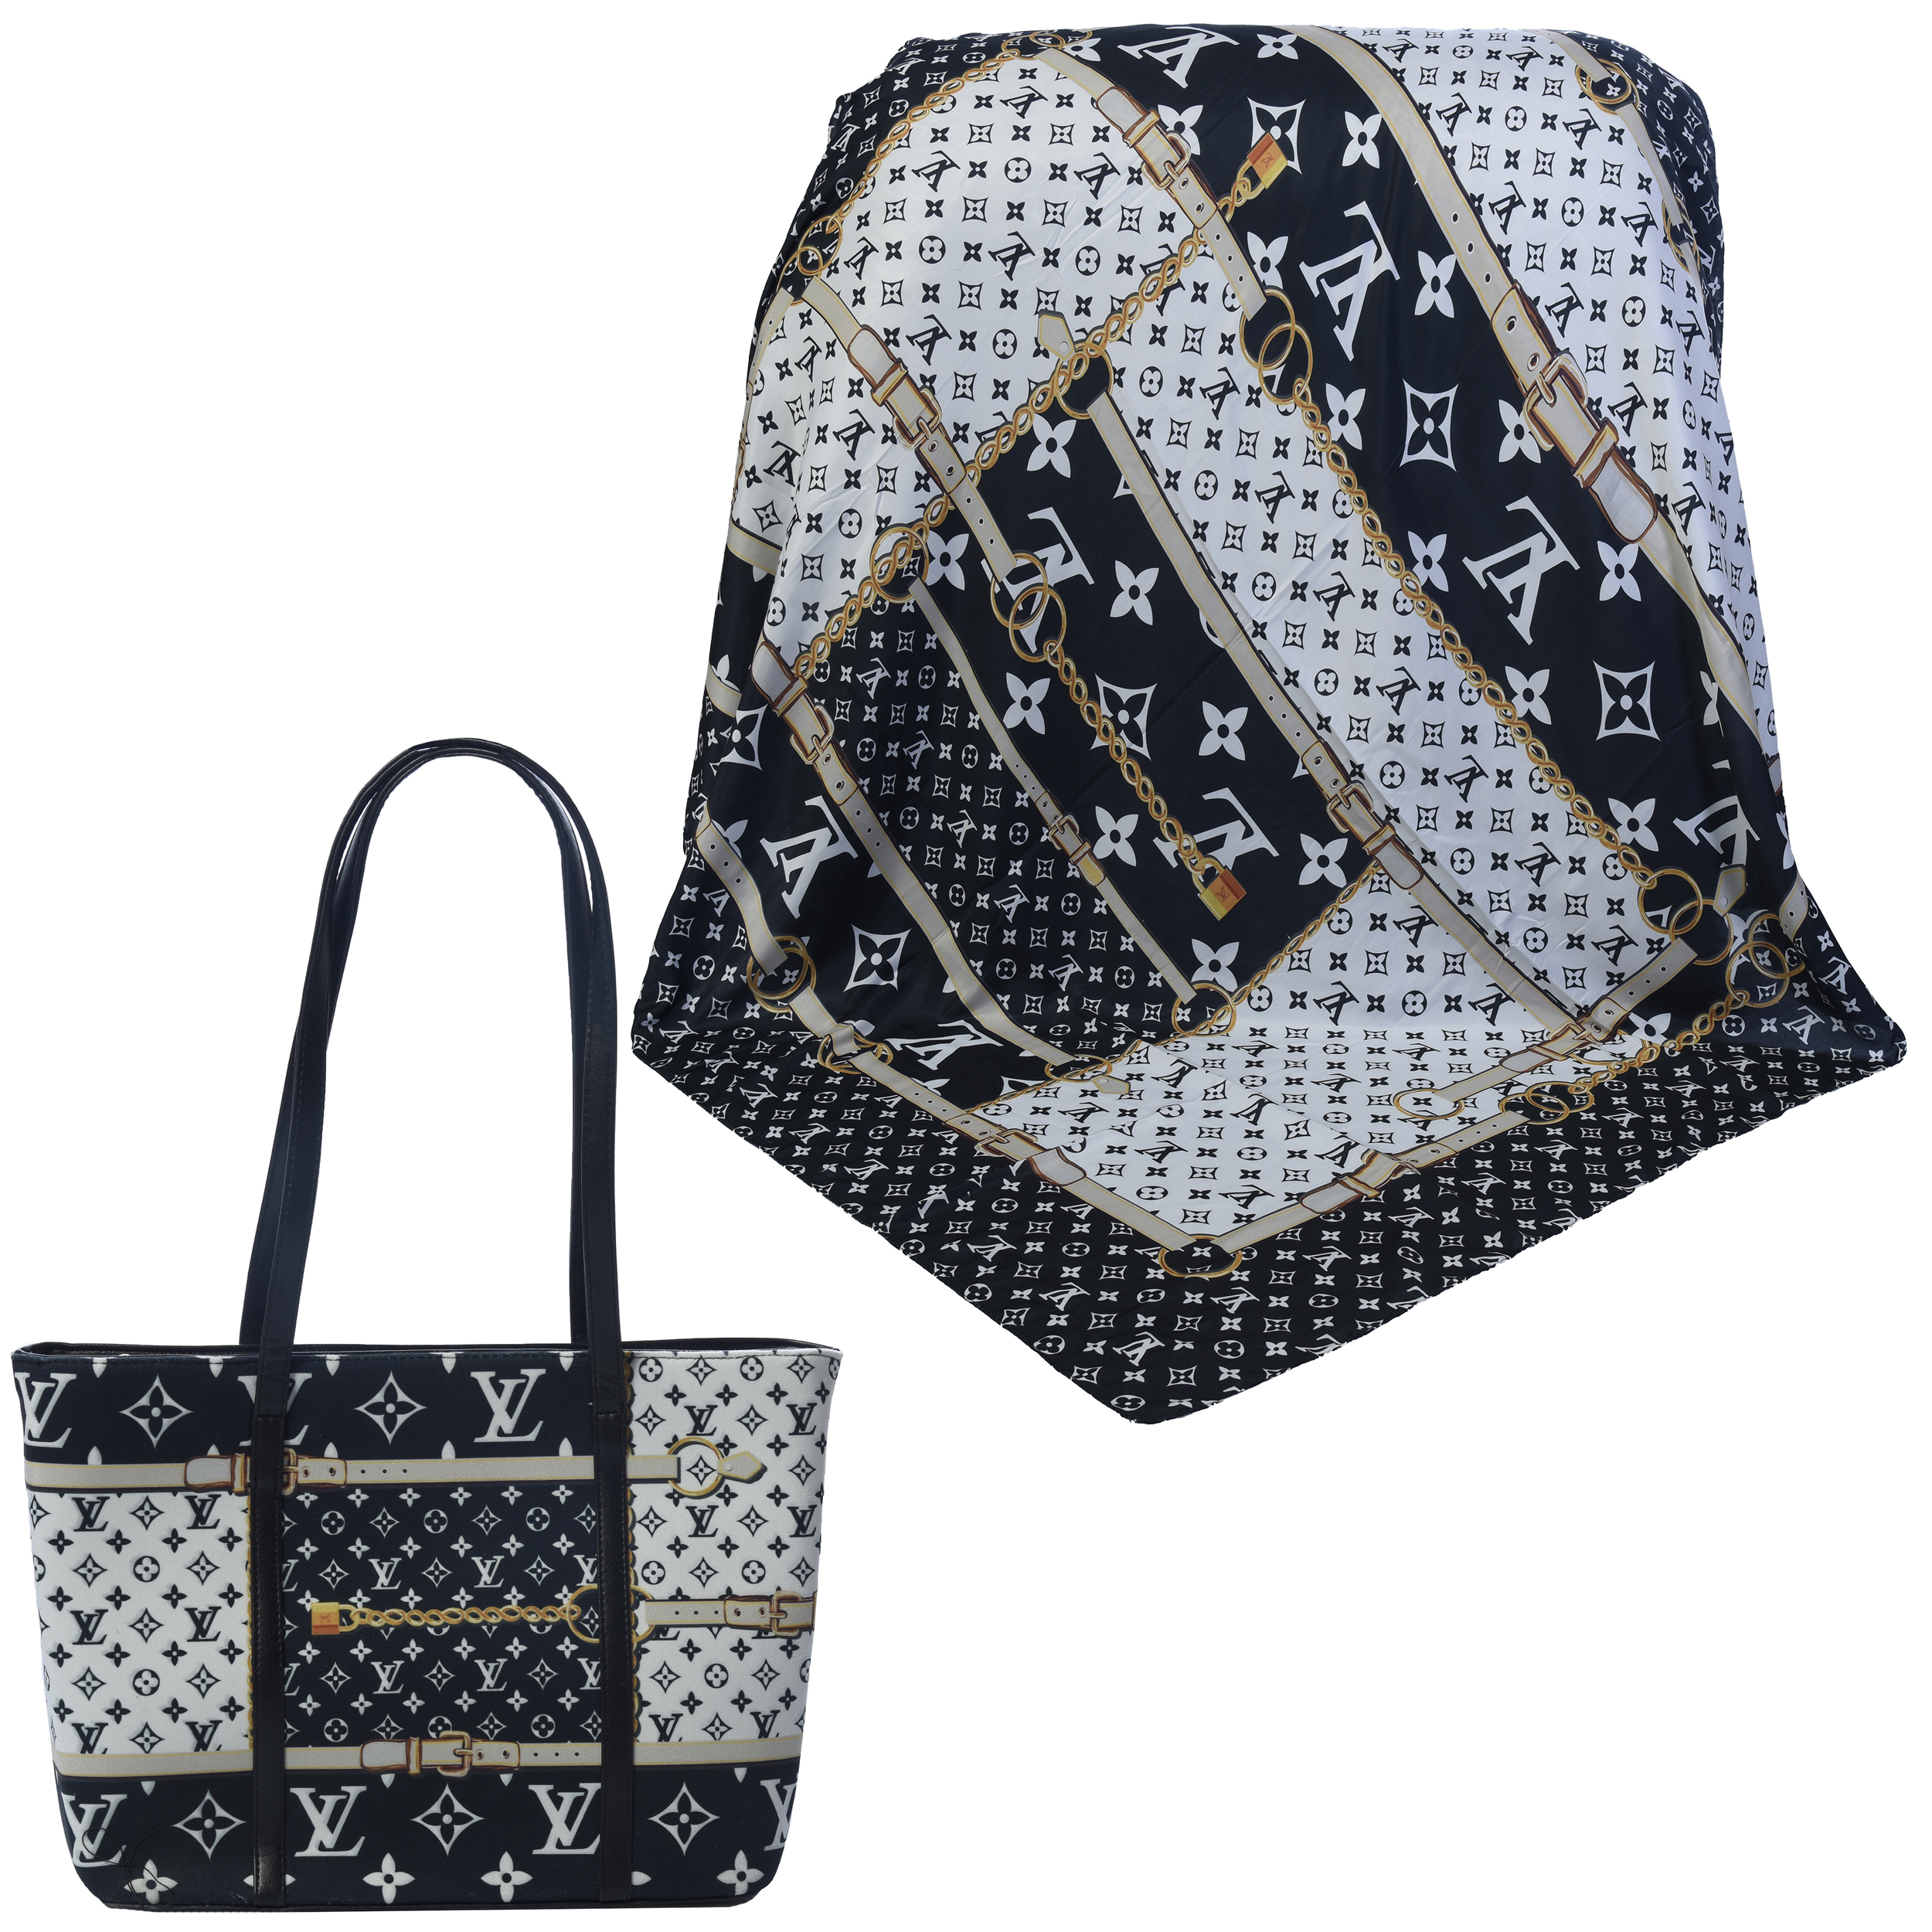 ست کیف و روسری زنانه کد 990229-T1